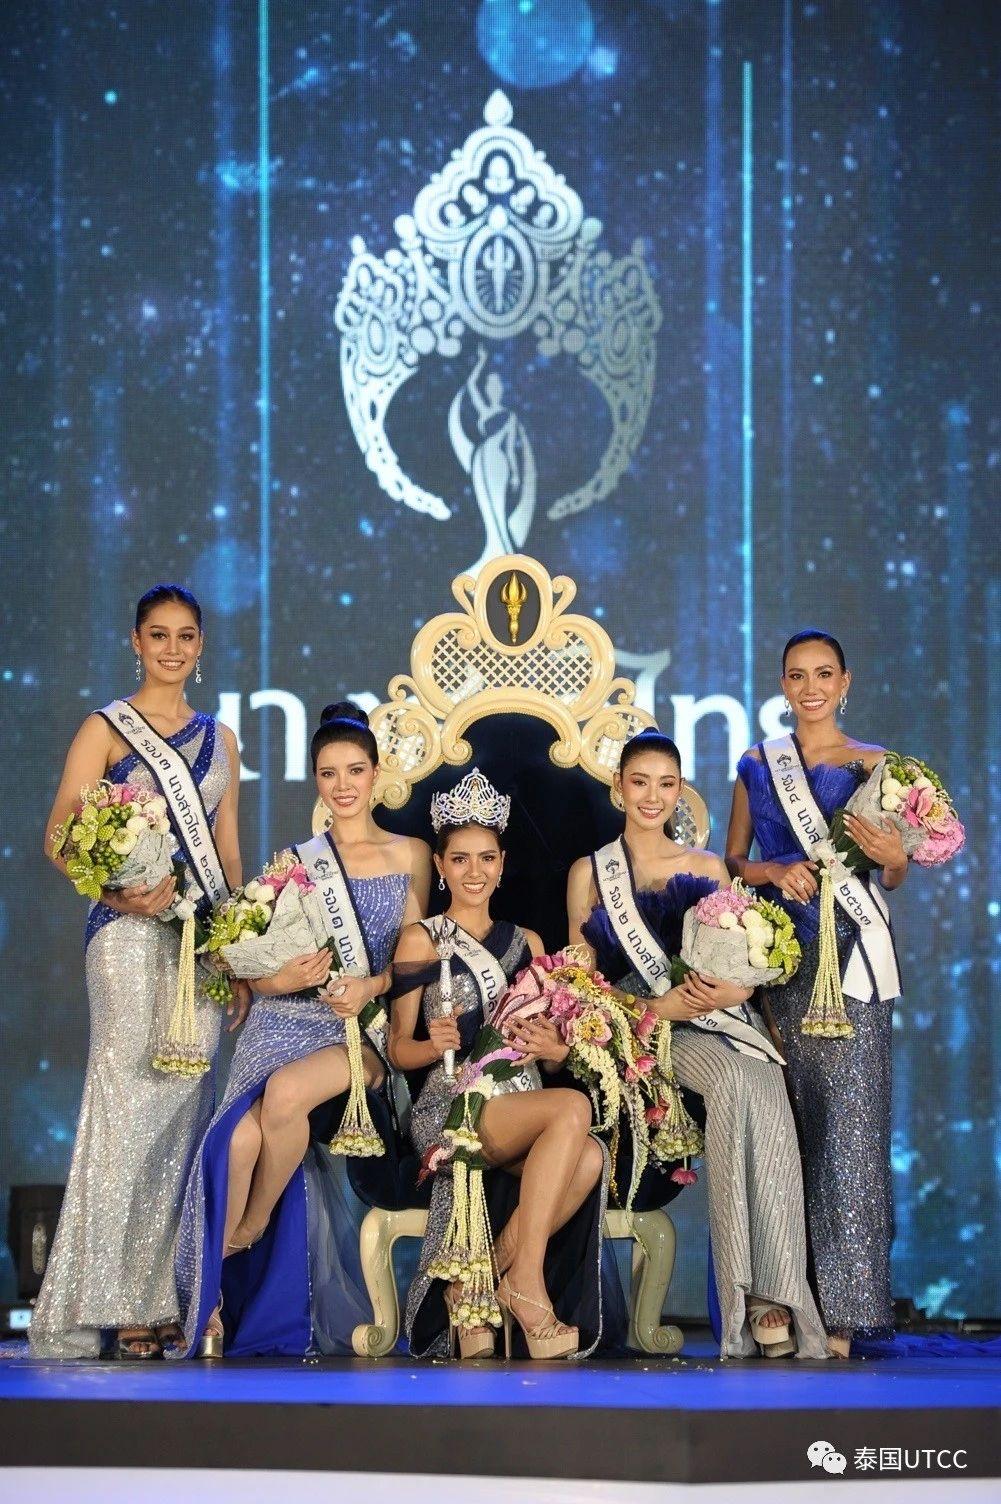 热烈祝贺在2020年泰国选美小姐比赛中获奖的选手